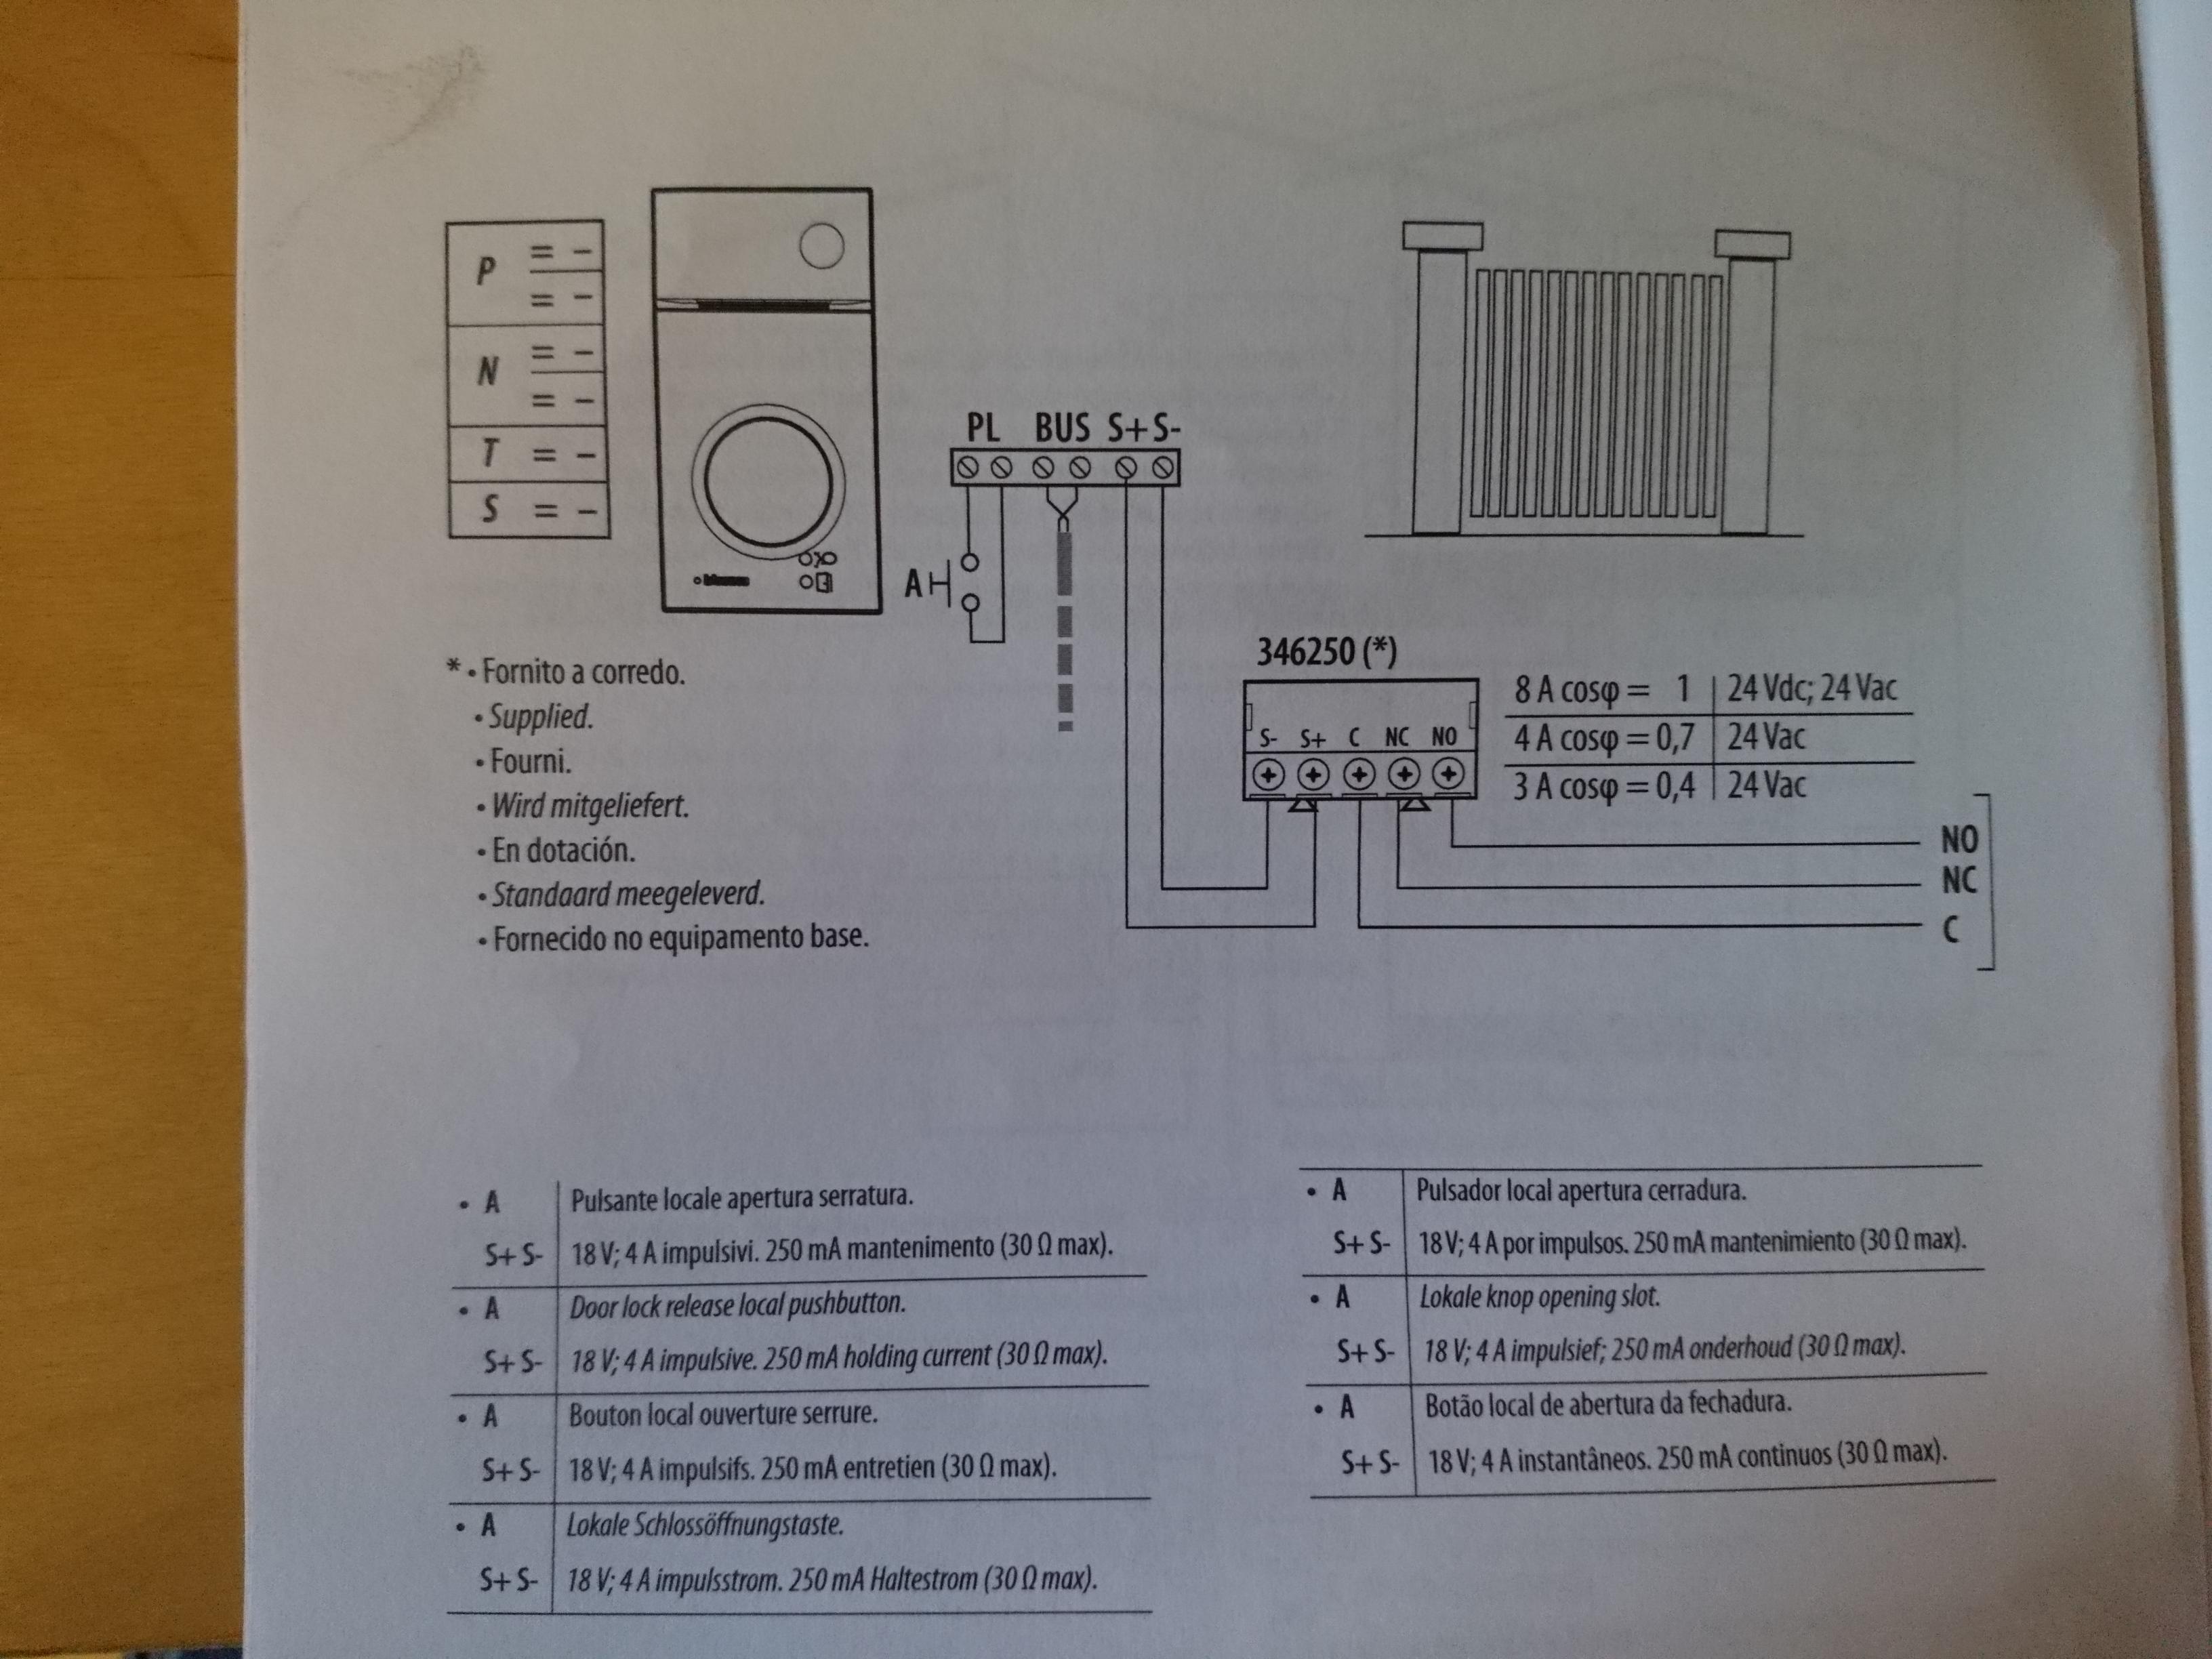 Ouverture portail avec evolvia 400 bticino 300 r solue - Somfy evolvia 400 ...